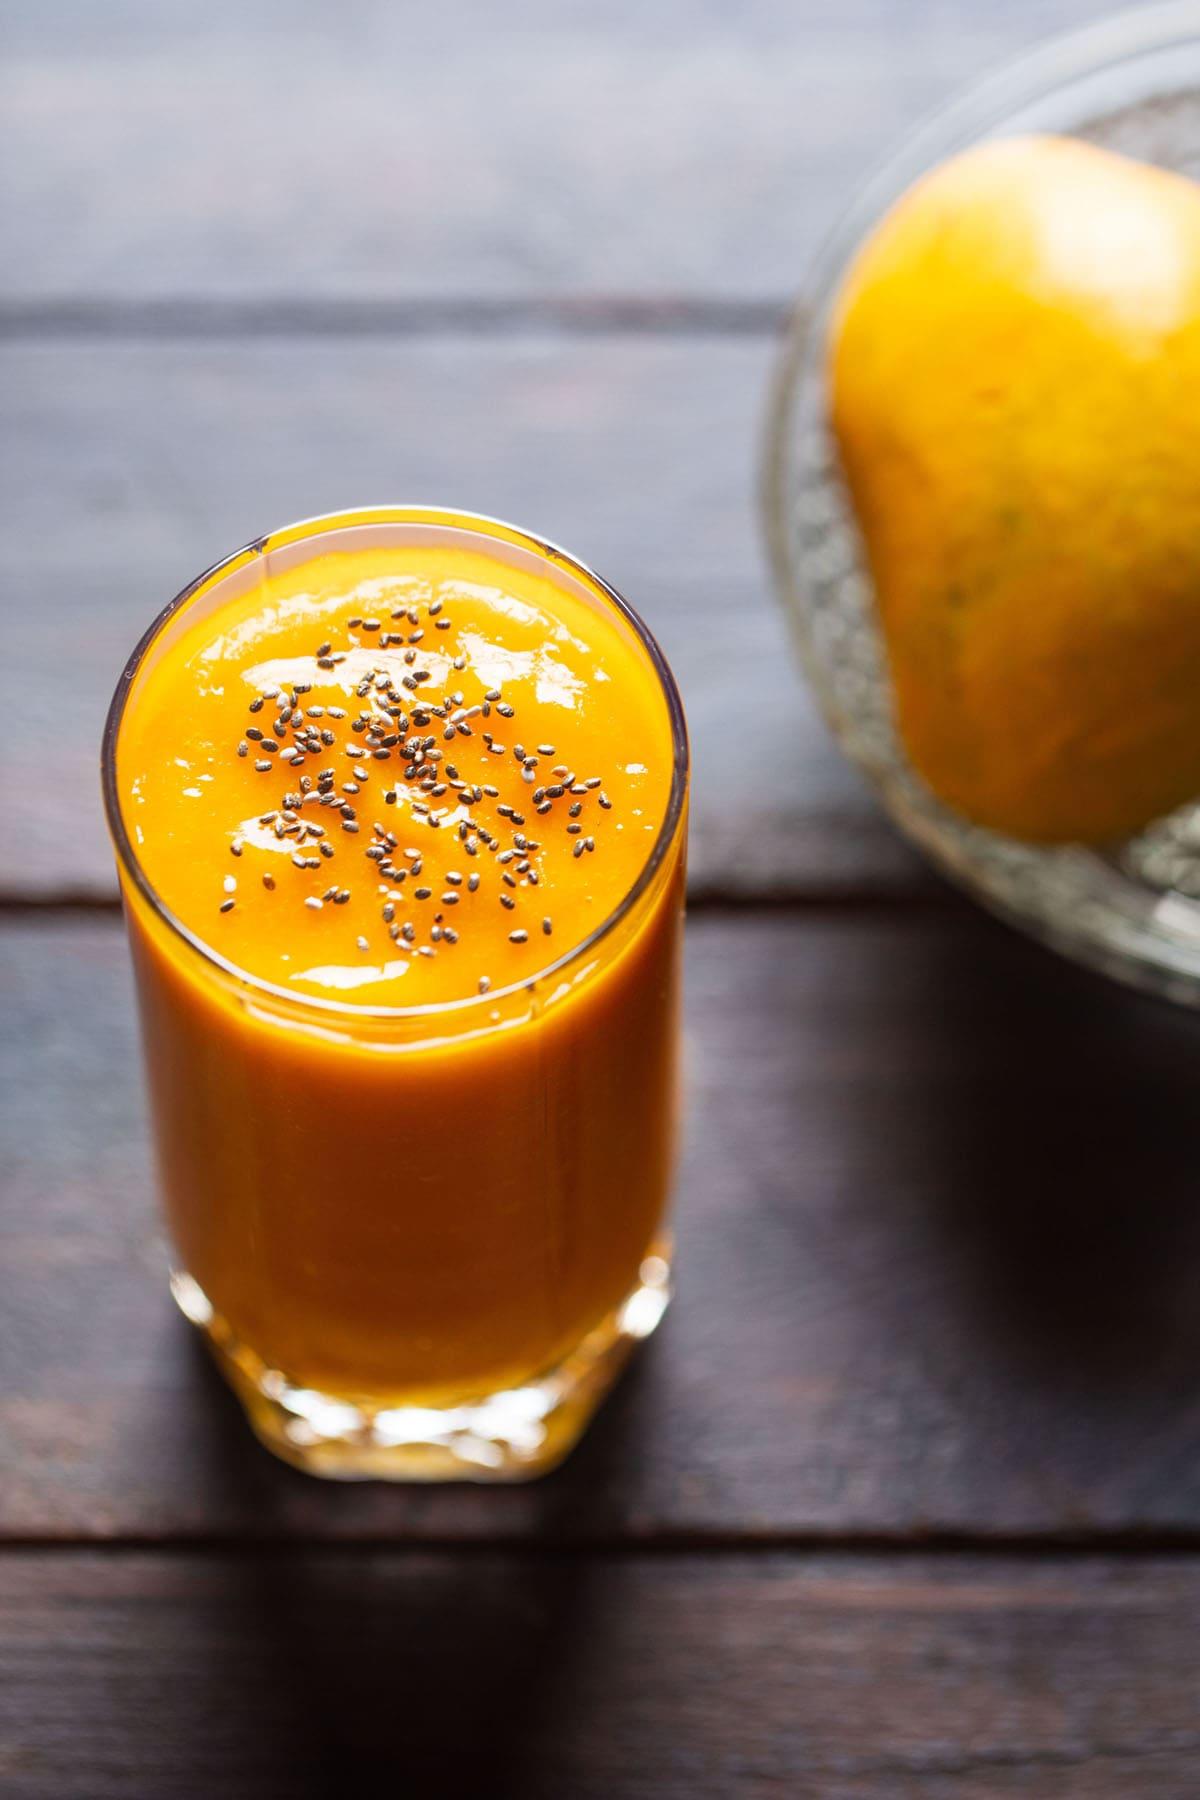 Gros plan de jus de mangue dans un verre garni de graines de chia sur une table en bois avec un côté de mangues sur un bol en verre